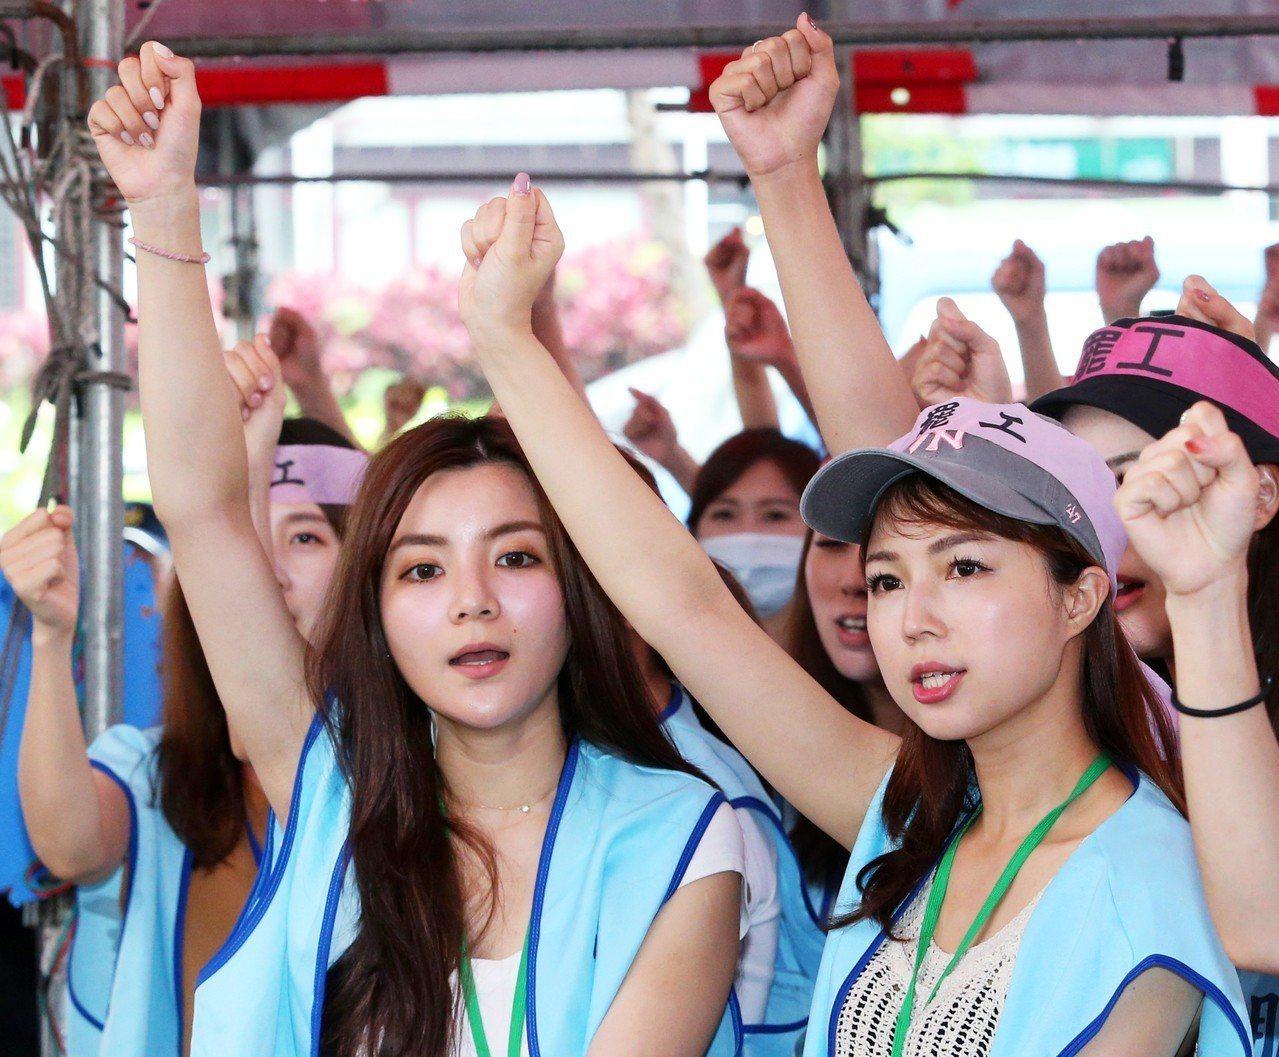 參加罷工的空服員持續在桃園南崁長榮航空總部前抗爭,並高呼「長榮罷工,一定成功」口...